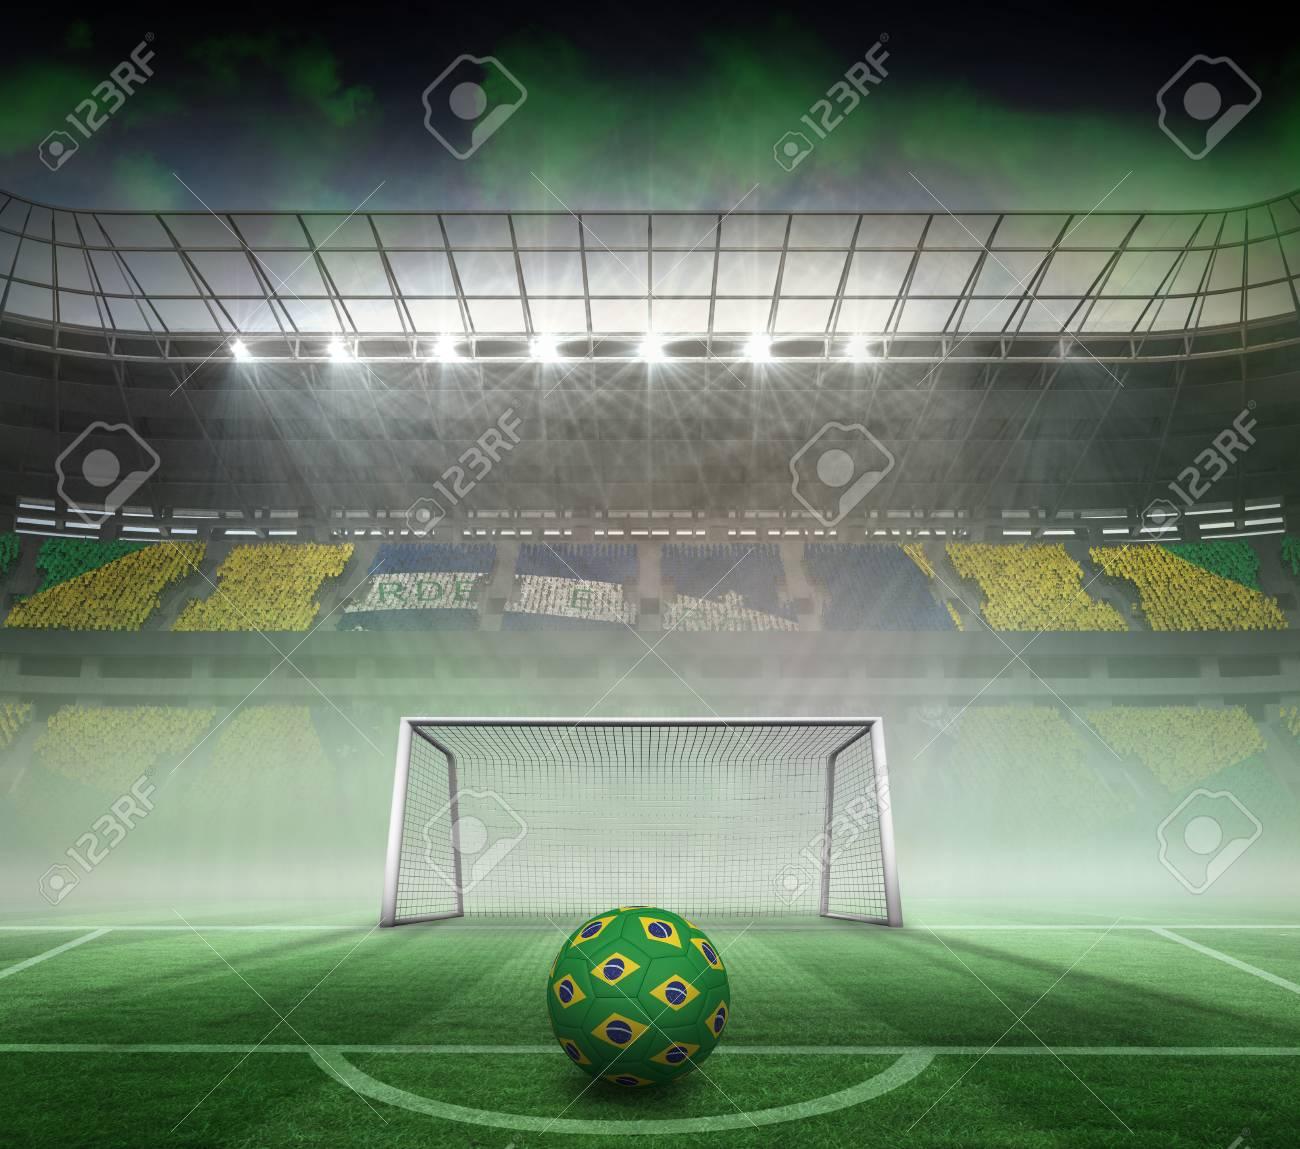 Fußball In Brasilianischen Farben Gegen Riesige Fußballstadion Für ...